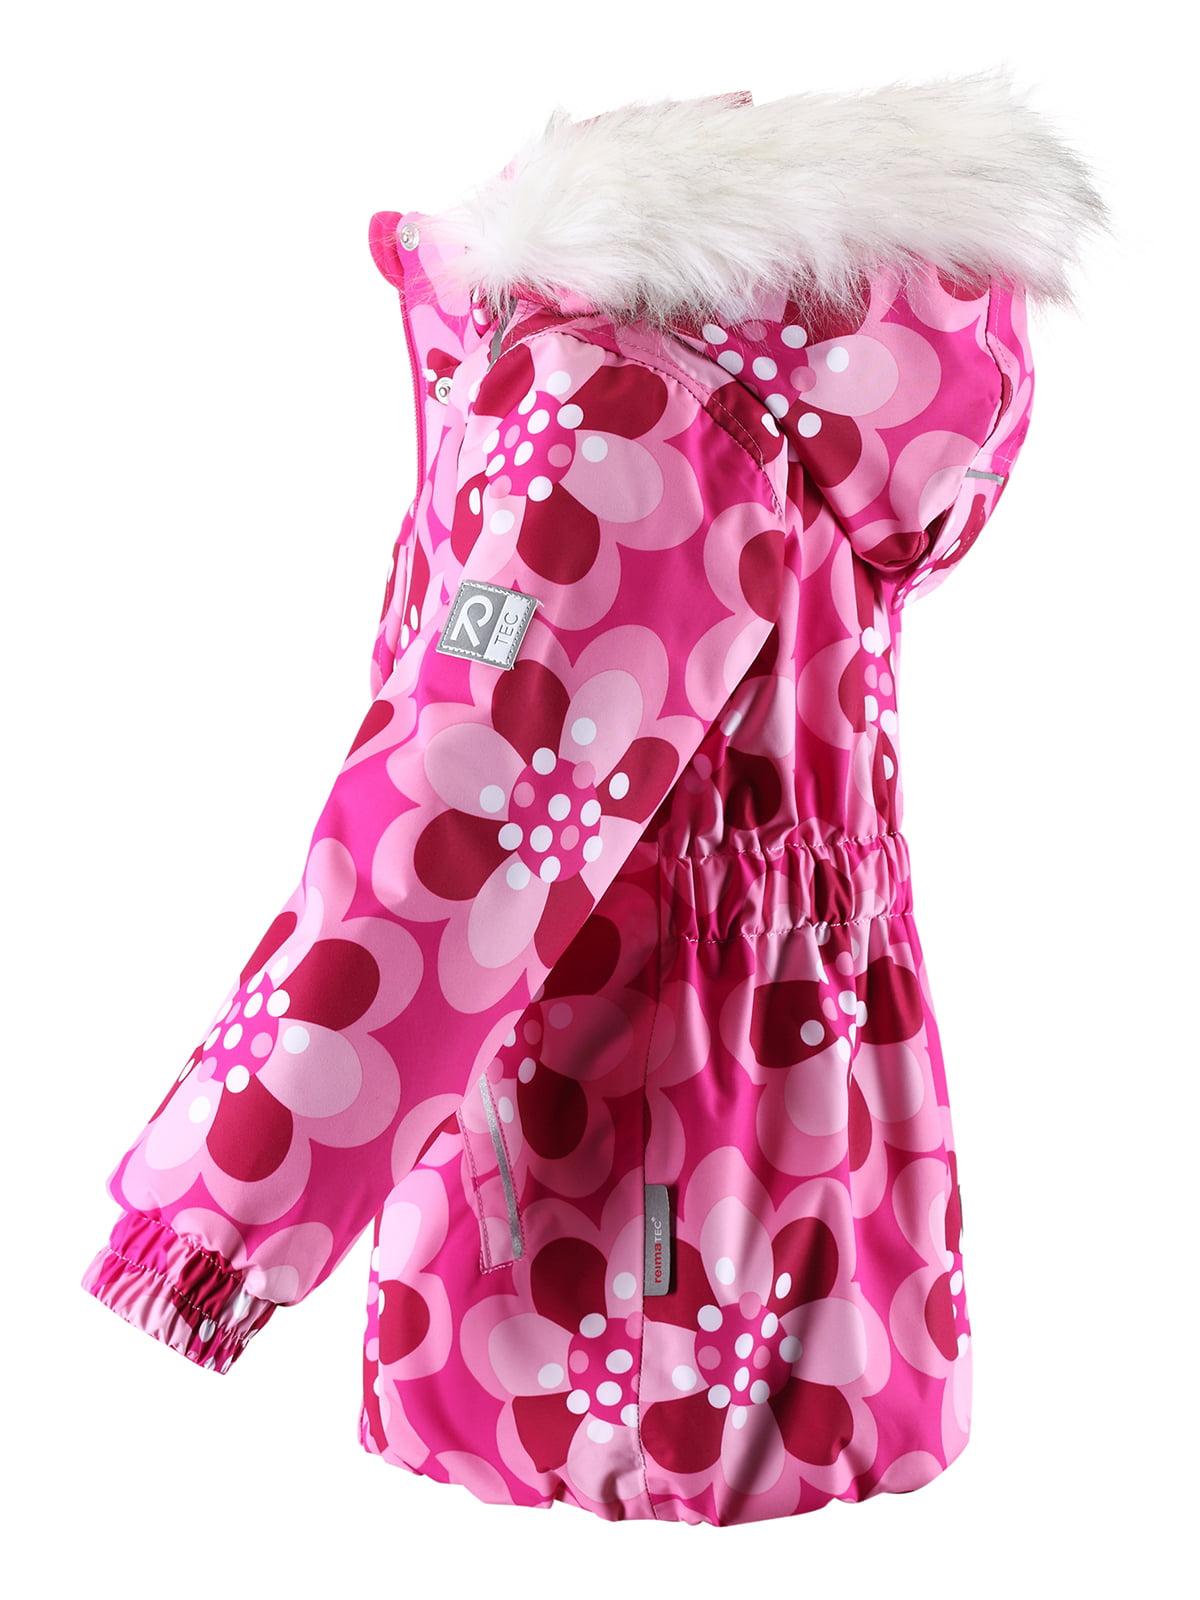 Куртка світло-рожева в принт з капюшоном | 1378054 | фото 3